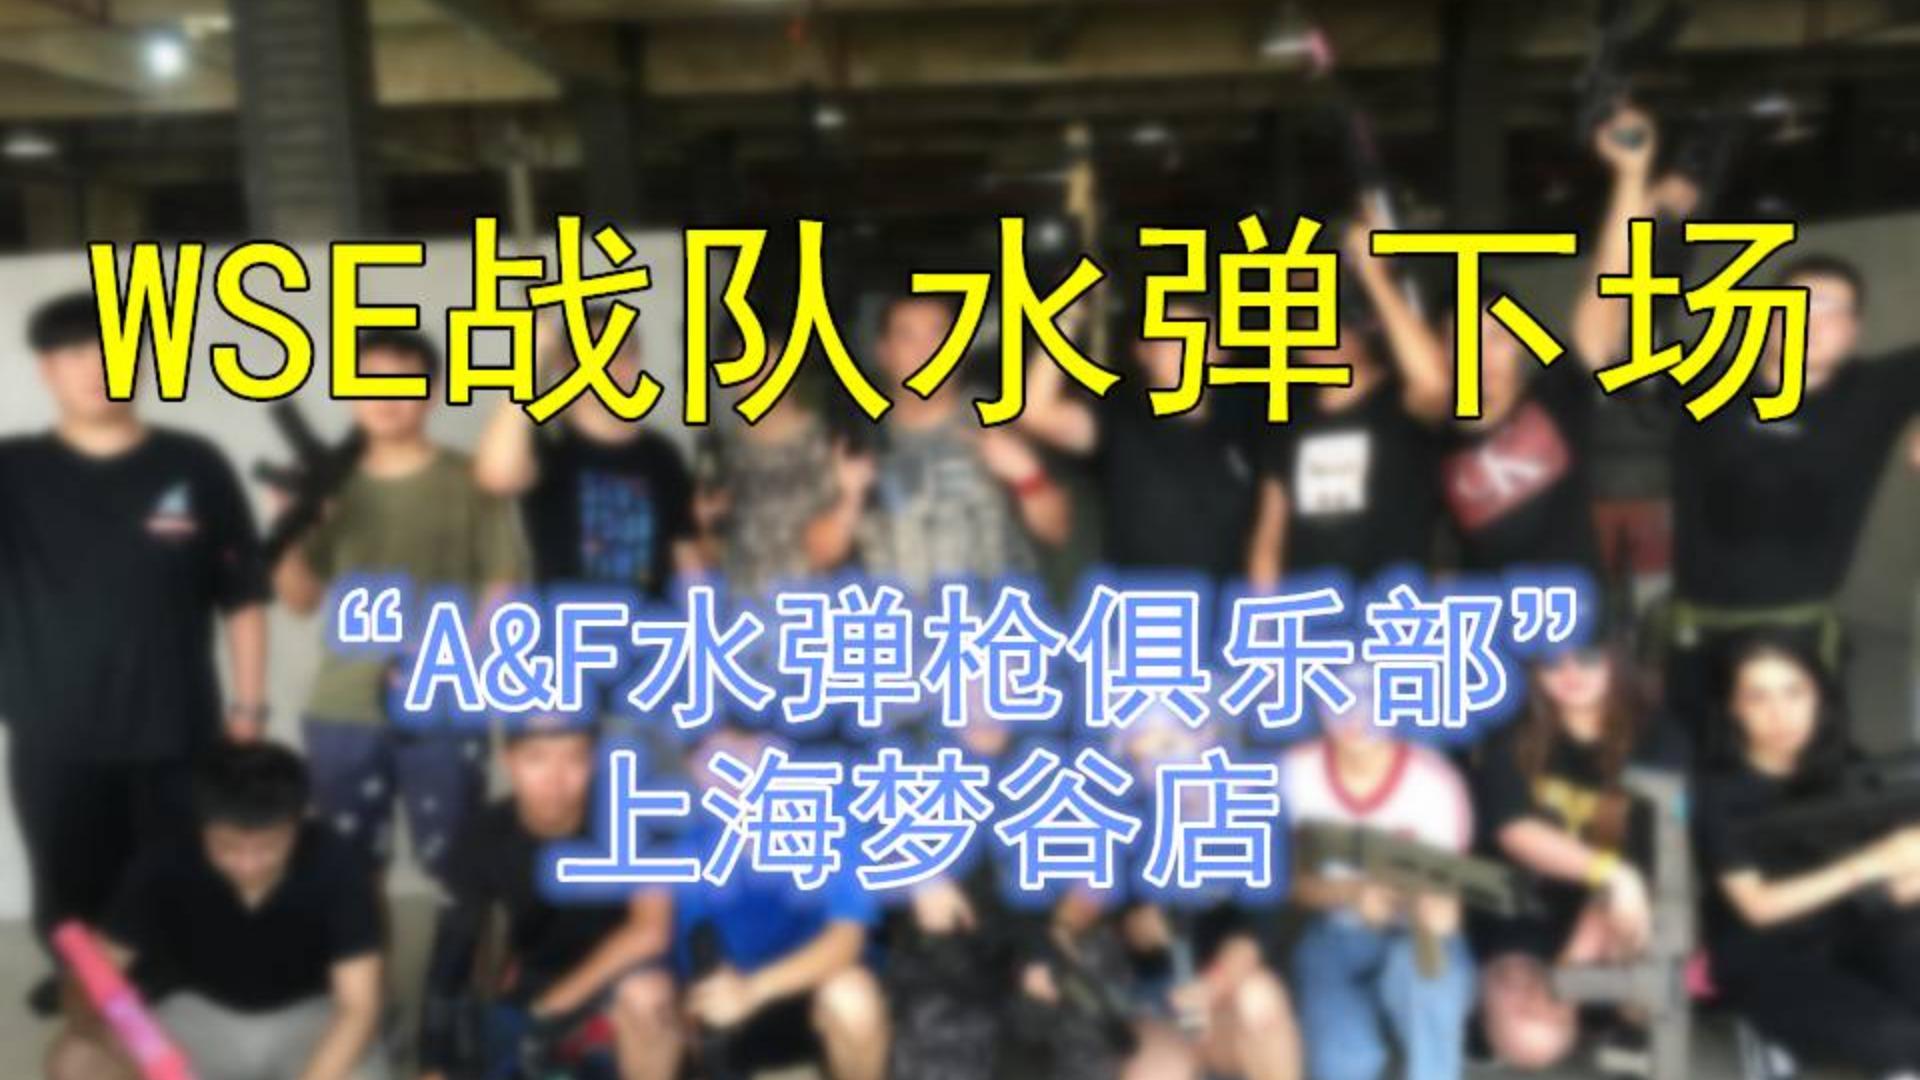 """【水弹】""""A&F水弹枪俱乐部""""上海梦谷店,wse战队下场实录"""